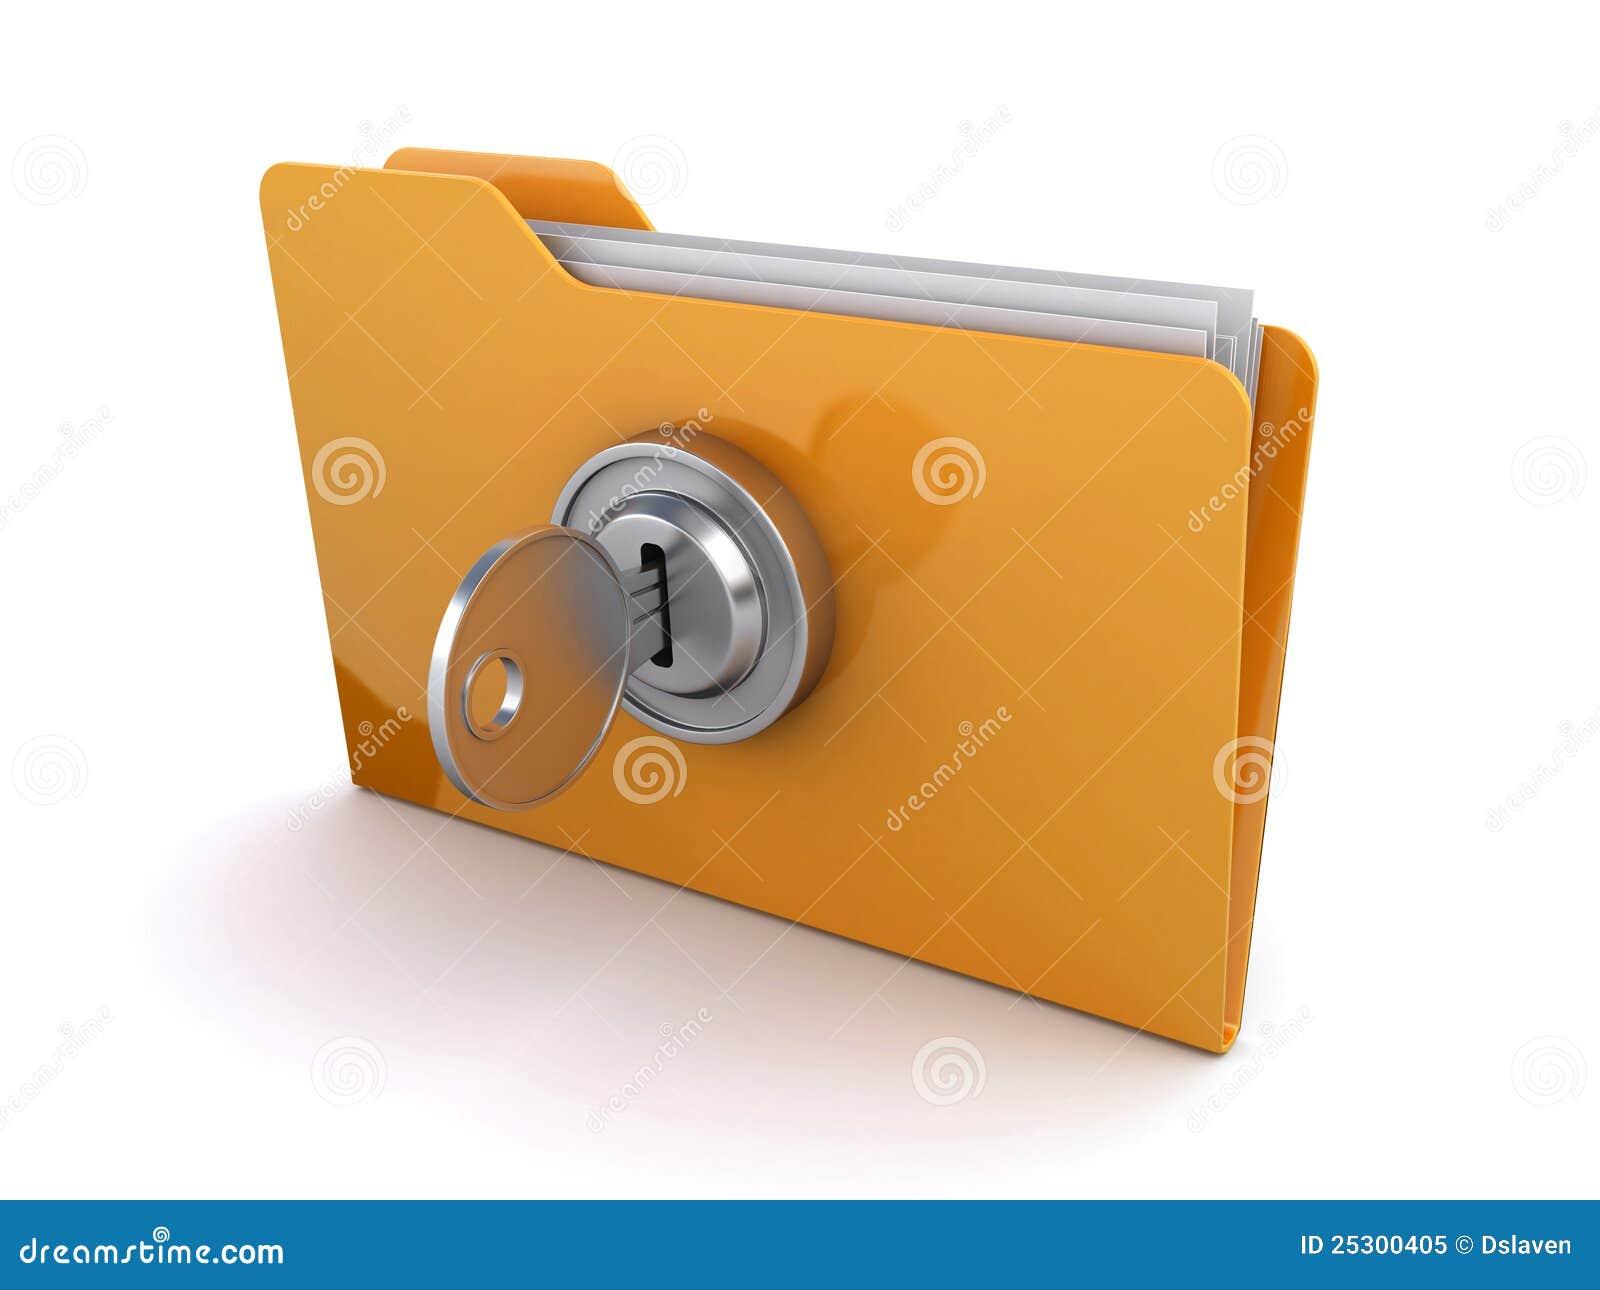 Locked Folder Royalty Free Stock Photo - Image: 25300405